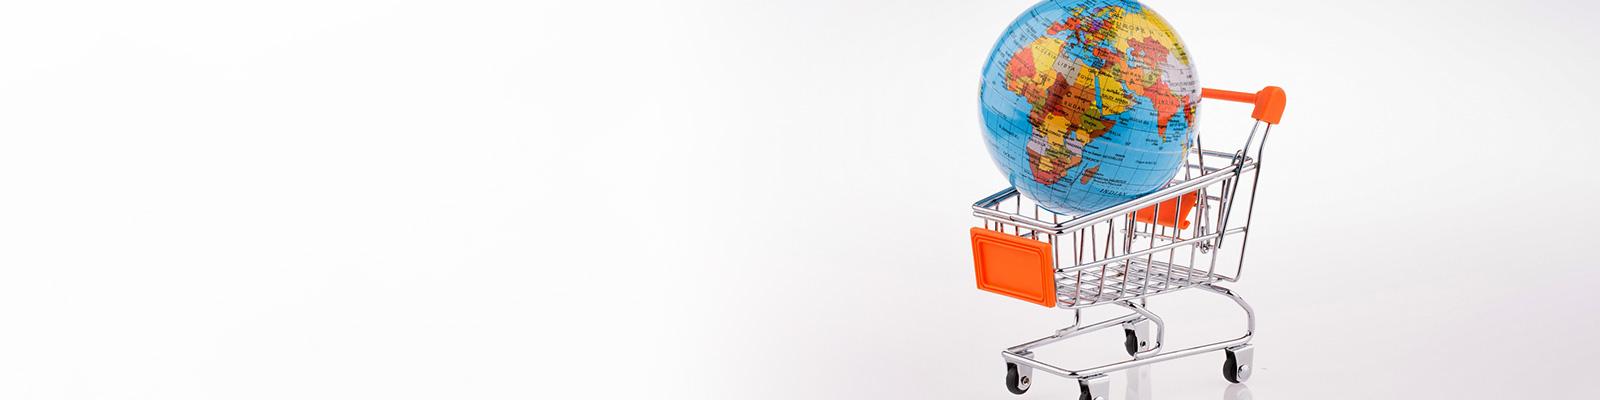 世界 地図 カード ショッピング イメージ